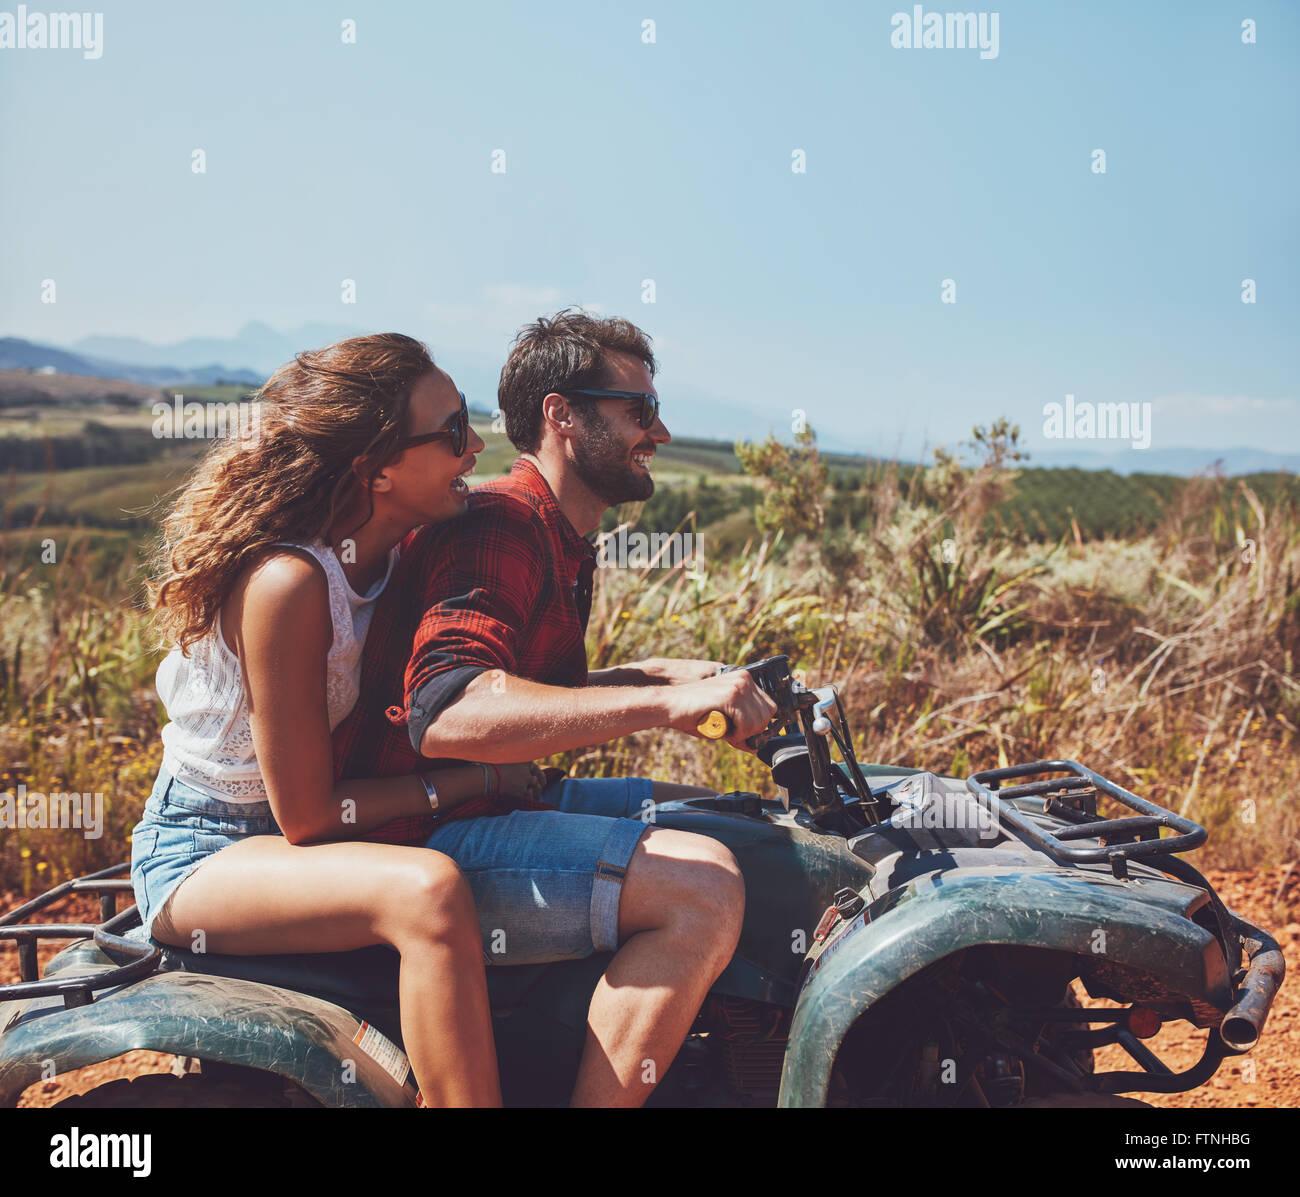 Vista lateral de la joven y la mujer cabalgando sobre un quad en unas vacaciones de verano. Par disfrutar de unas Imagen De Stock